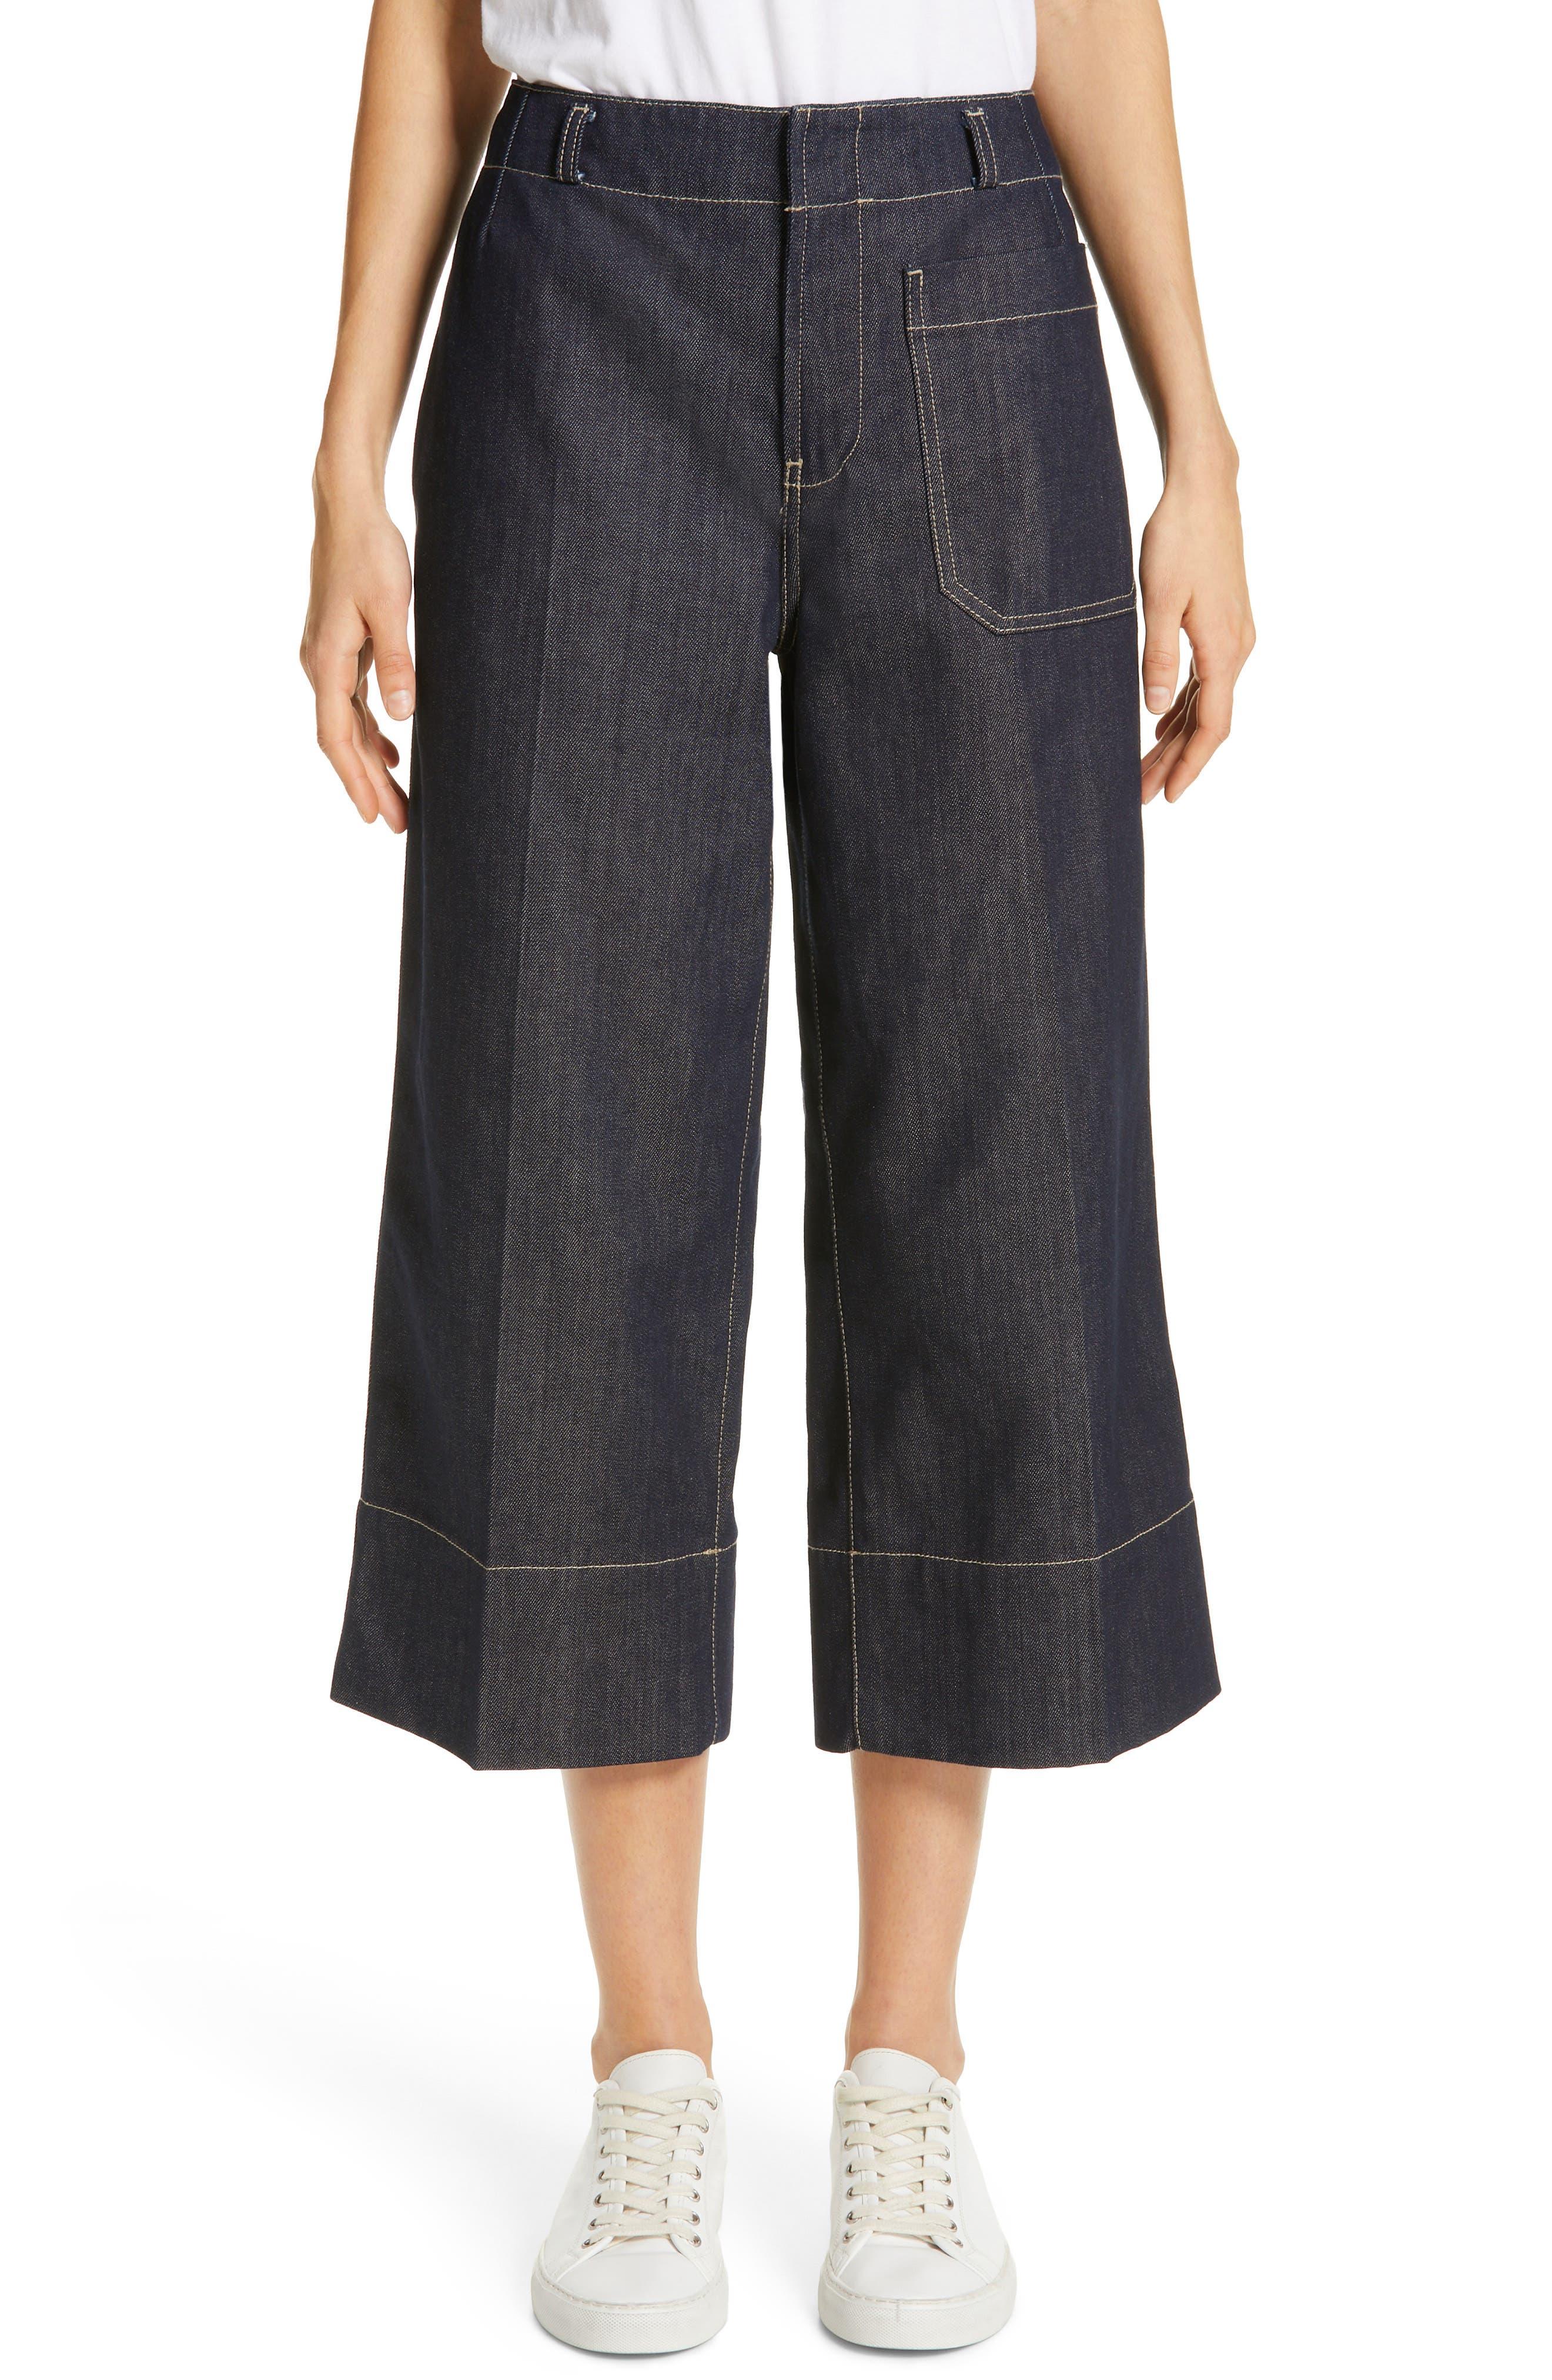 SOFIE D'HOORE,                             Wide Leg Crop Jeans,                             Main thumbnail 1, color,                             RAW